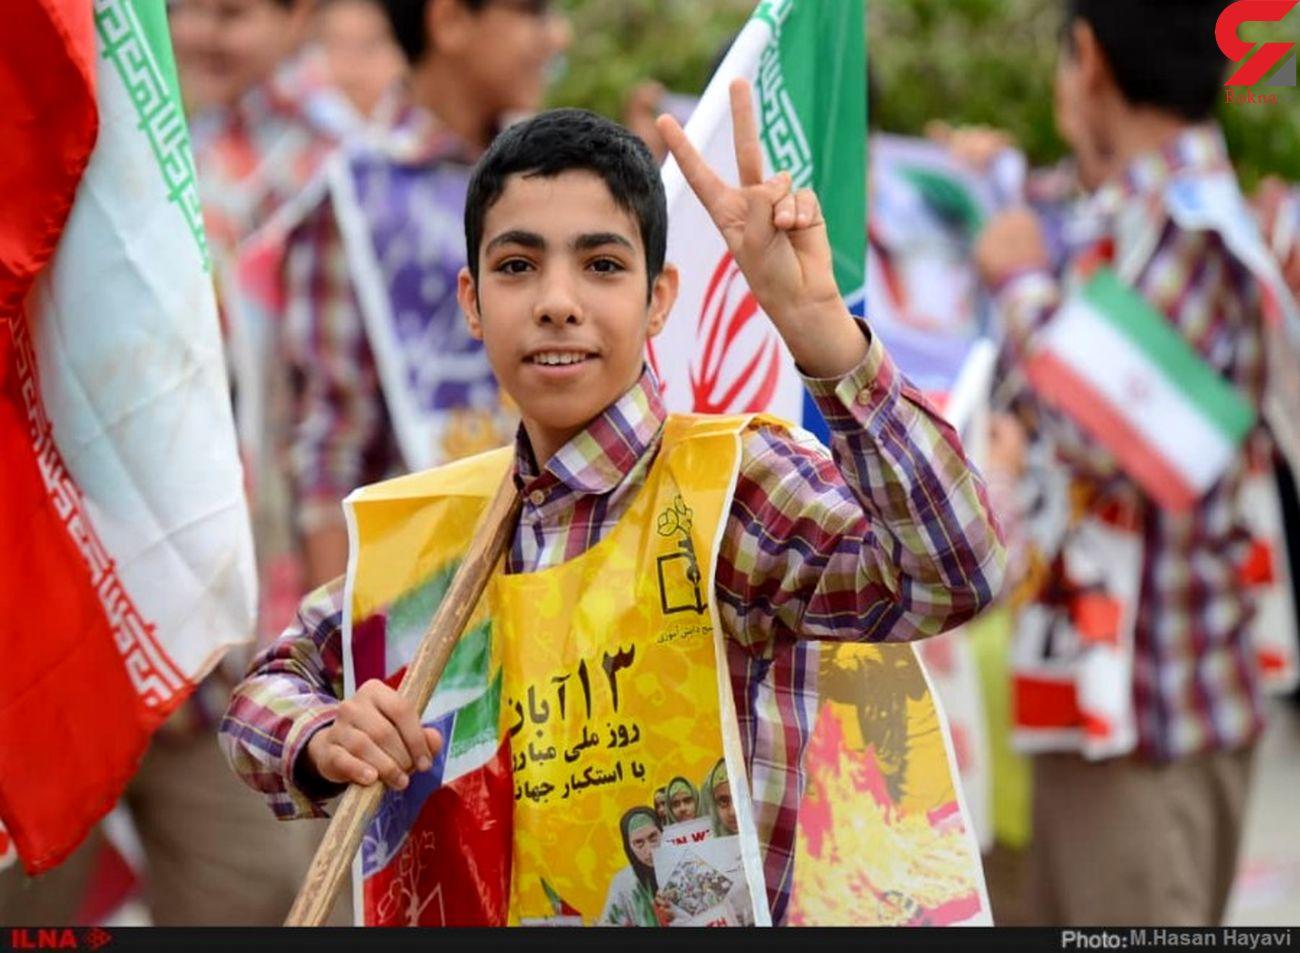 مردم ایران کمر آمریکا را شکستند